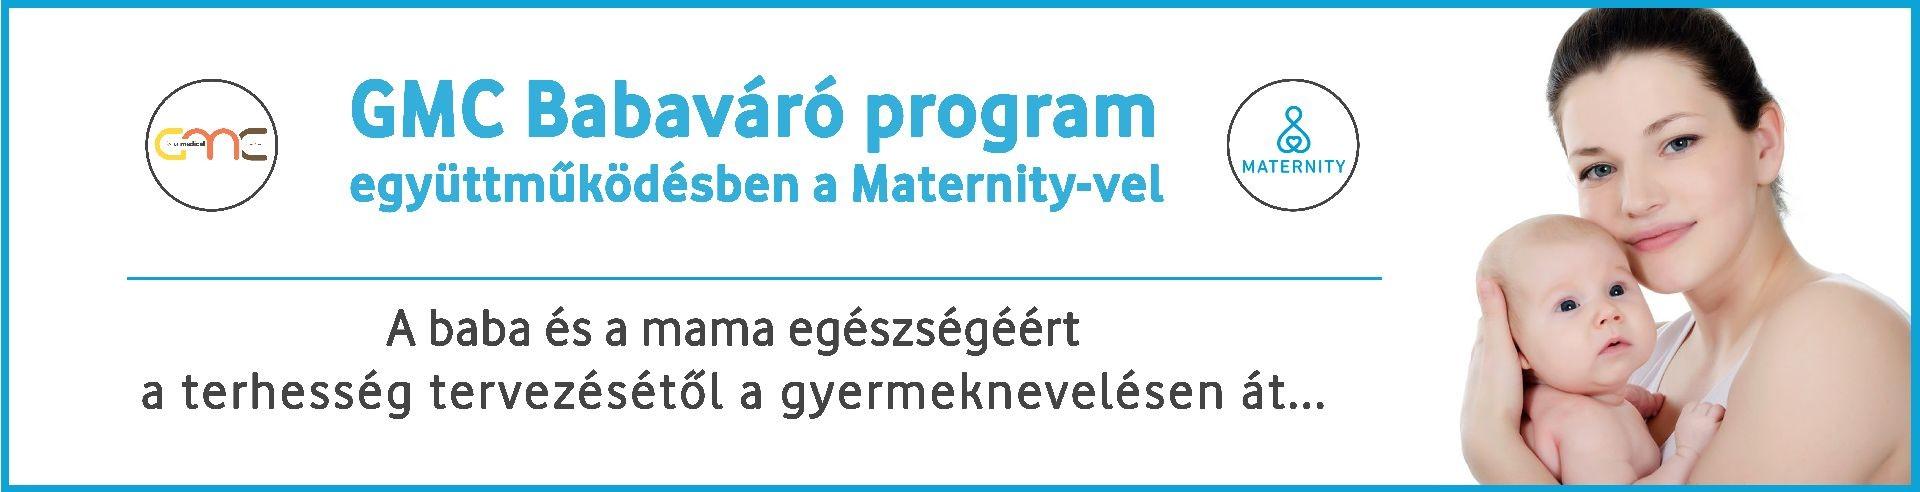 GMC-Maternity-Babaváró-program